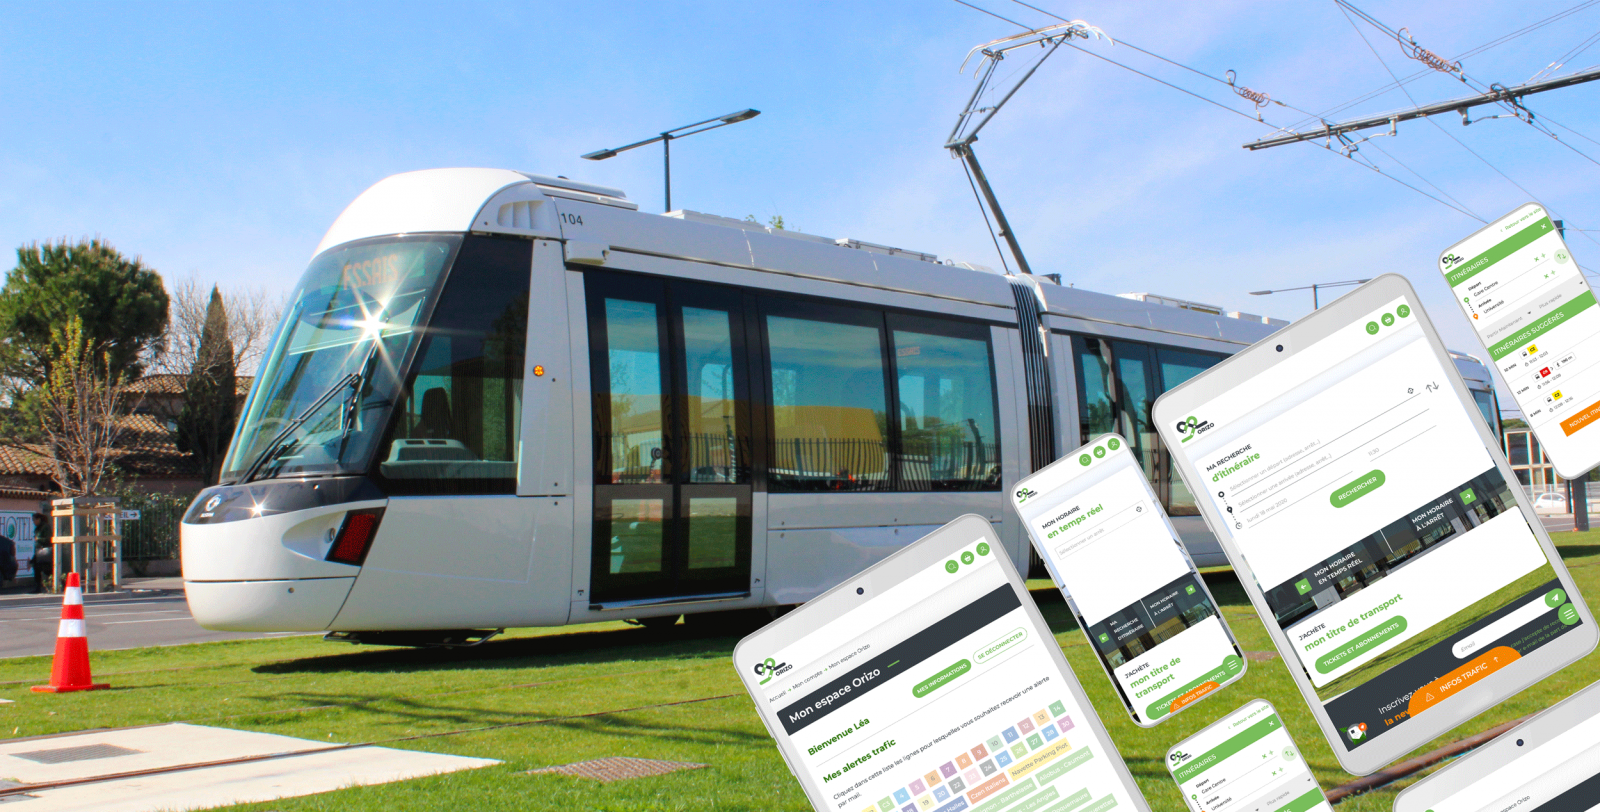 tramway Orizo Koredge